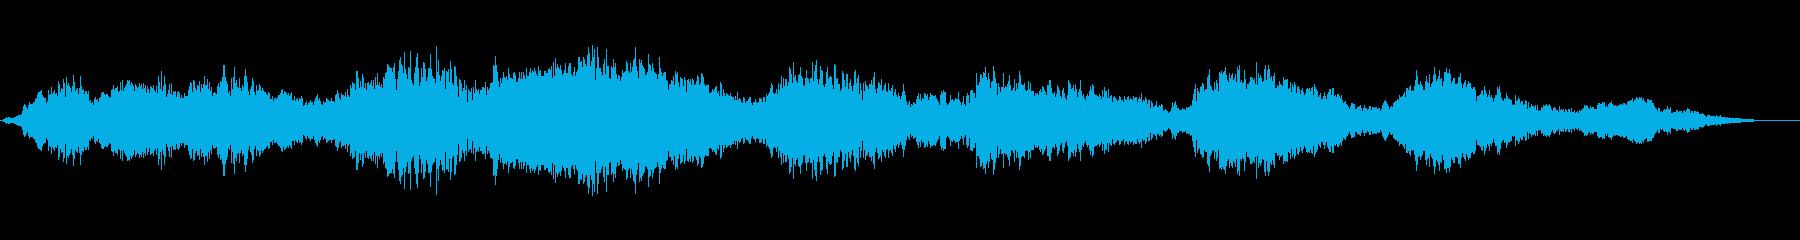 スモールスタジオオーディエンス:ブ...の再生済みの波形